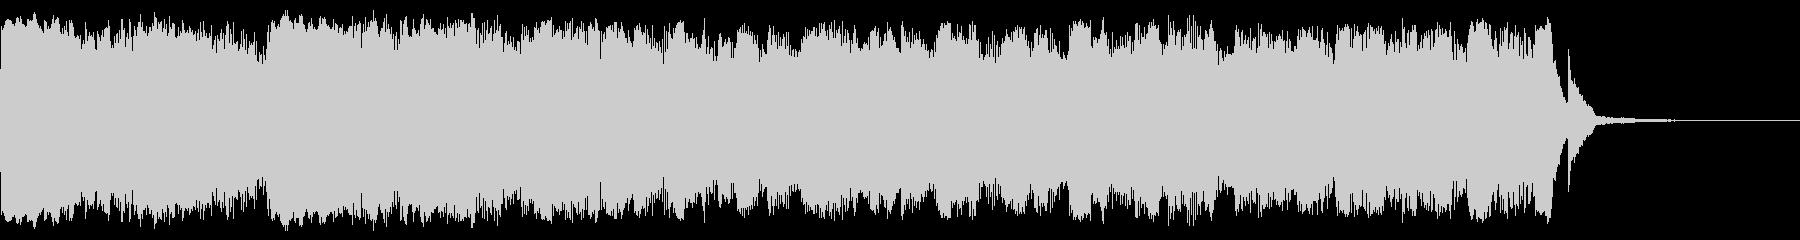 吹奏楽メインのオープニングジングルの未再生の波形